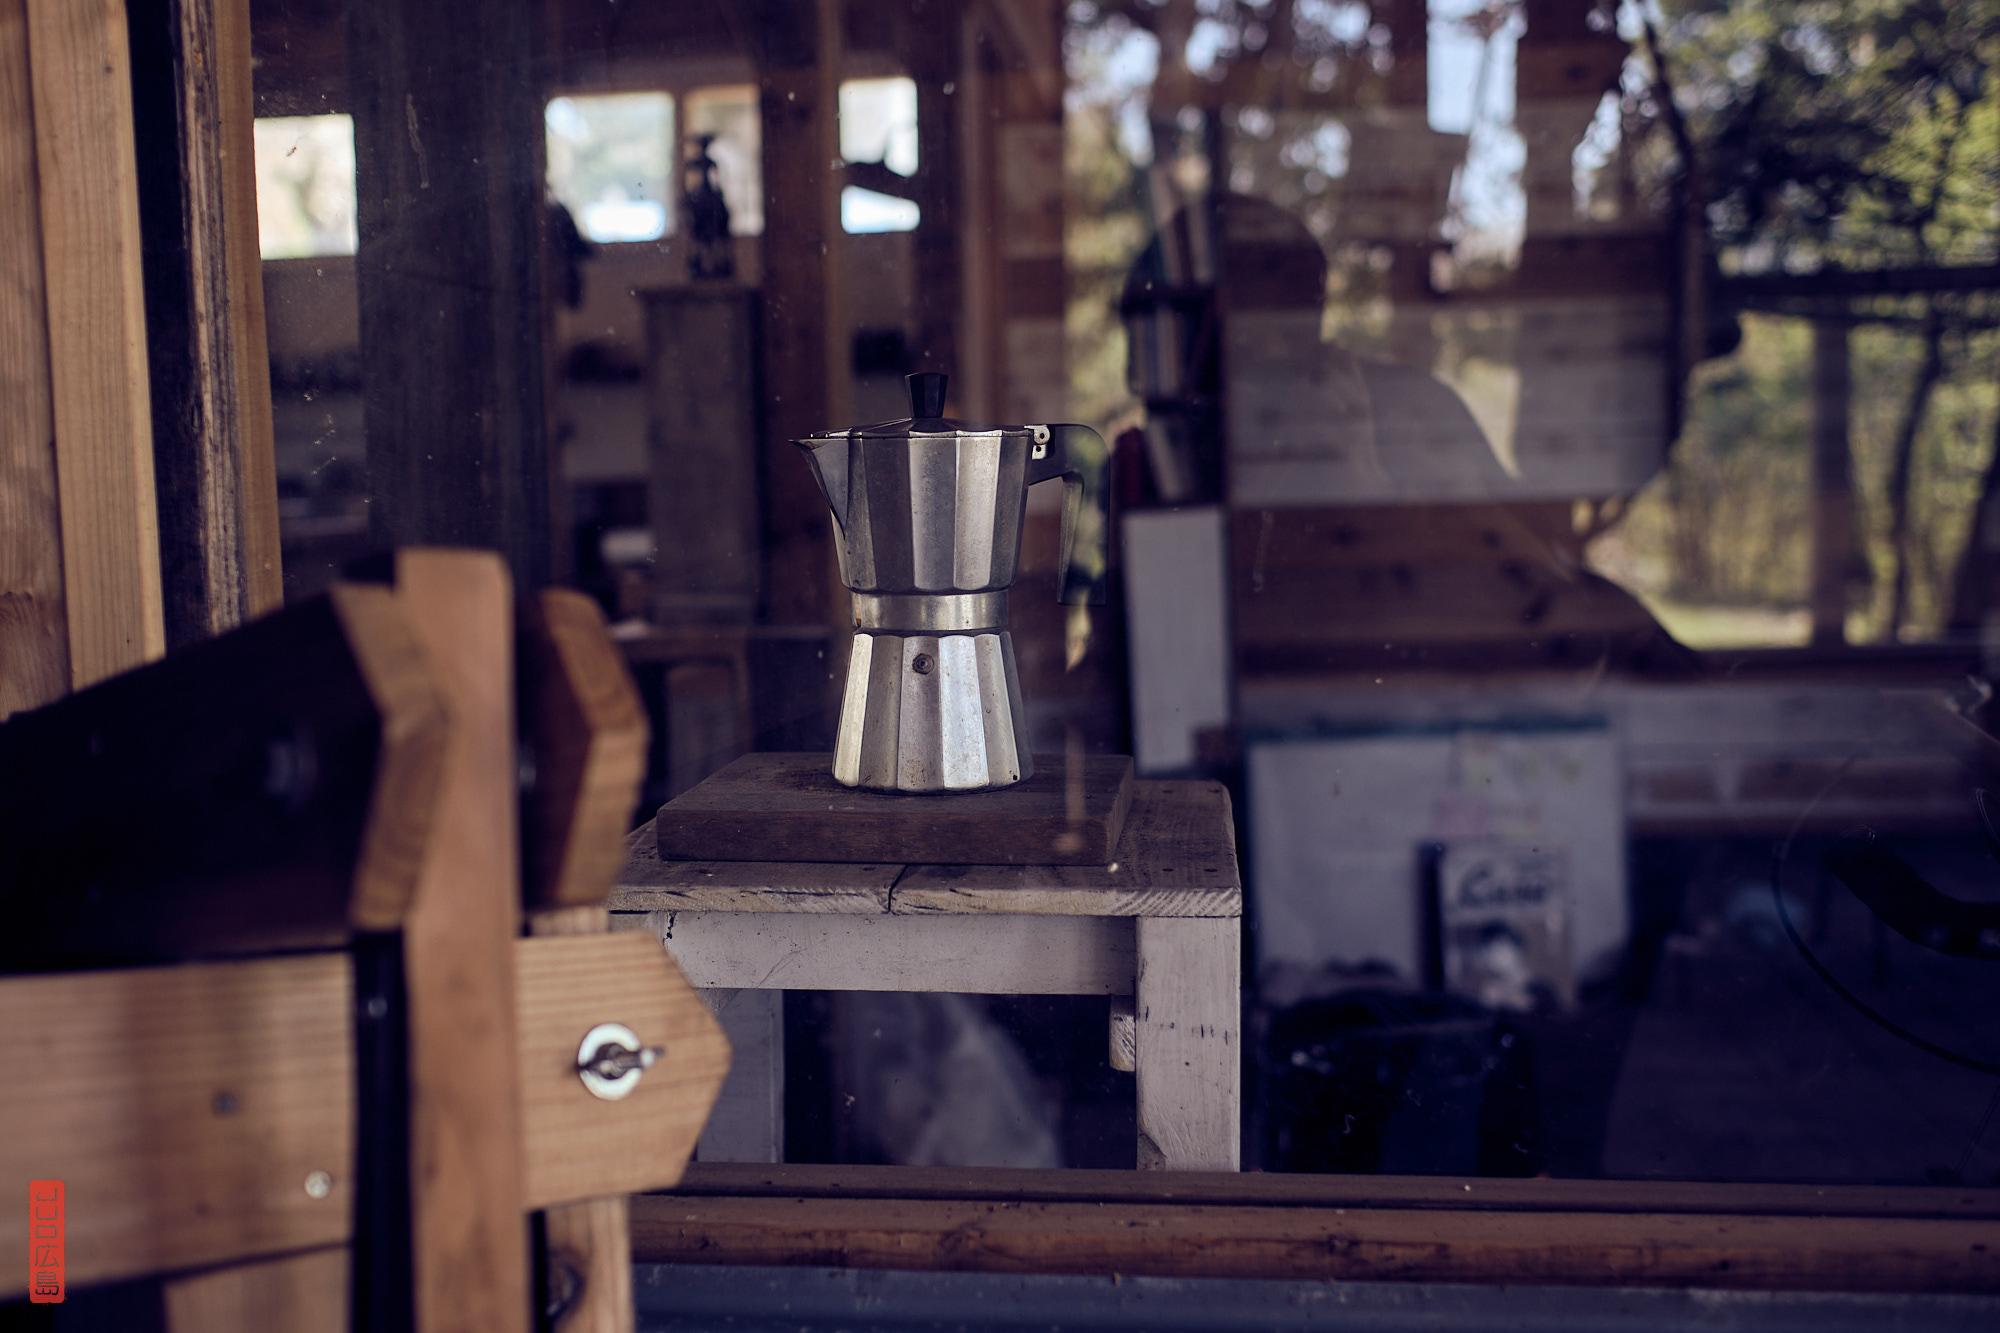 cafetière italienne dans une cabane dans la forêt près du mont Daisen, Japon